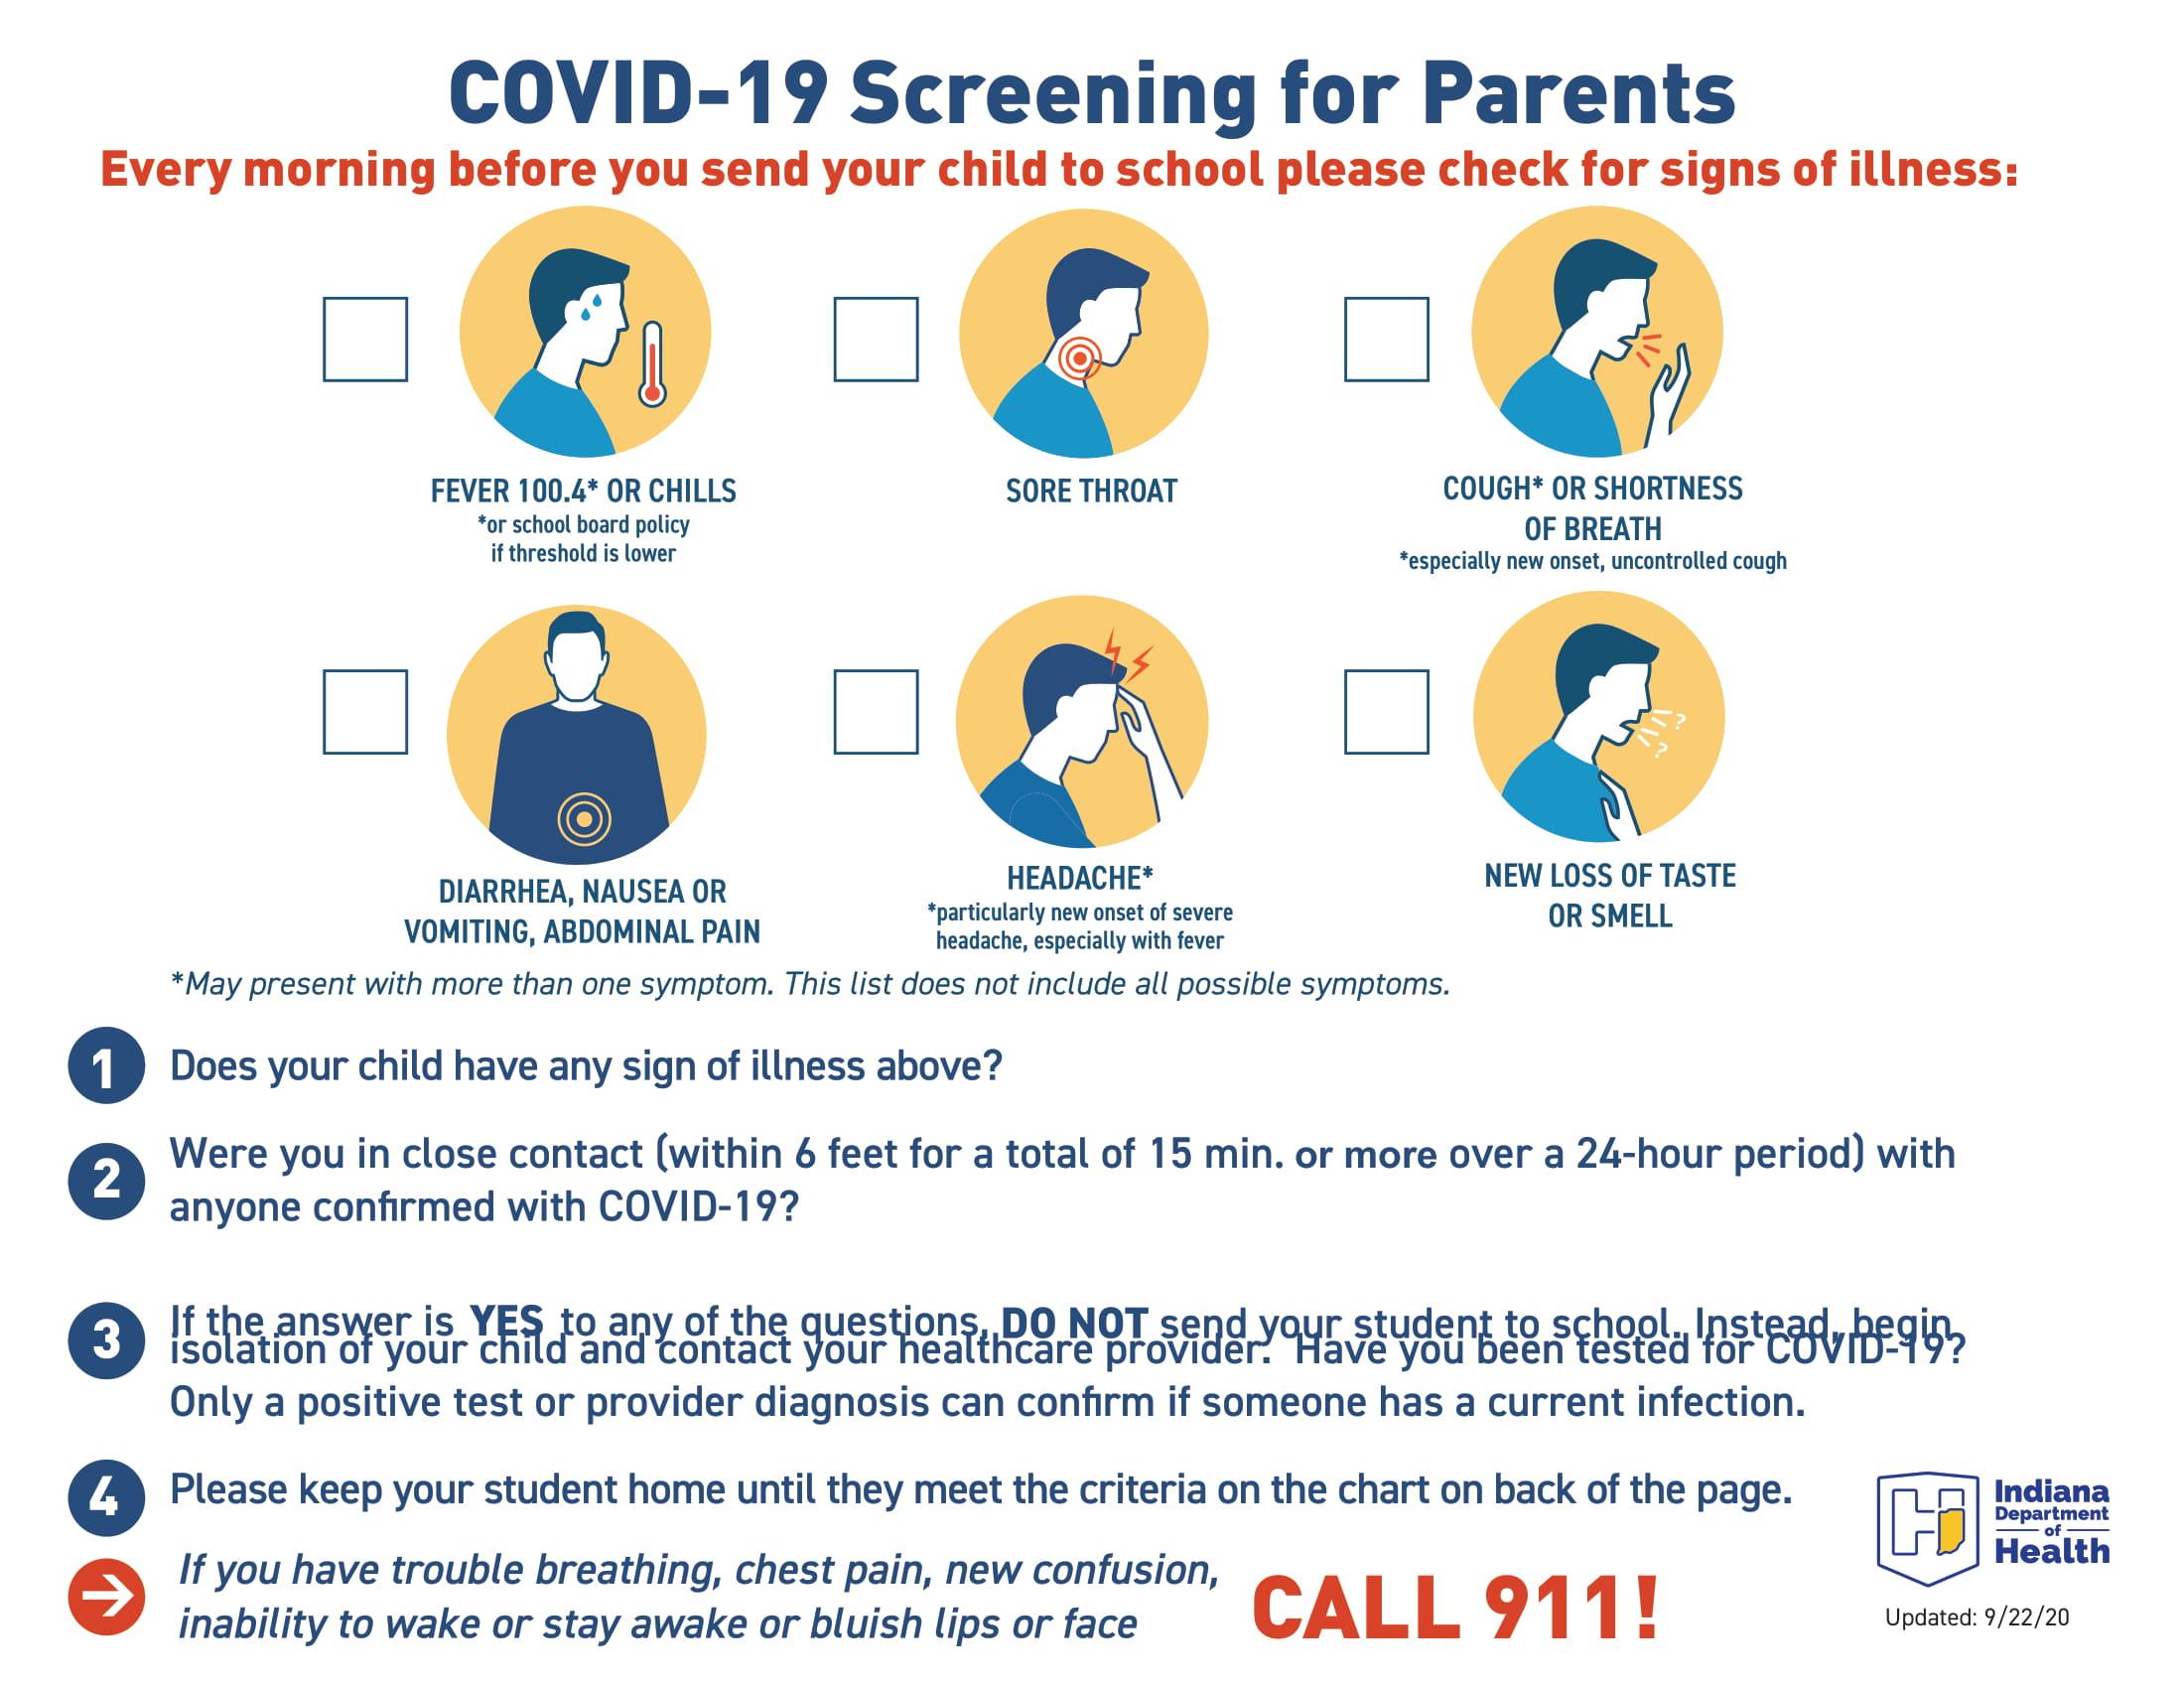 PArent Screening Guide 10-22